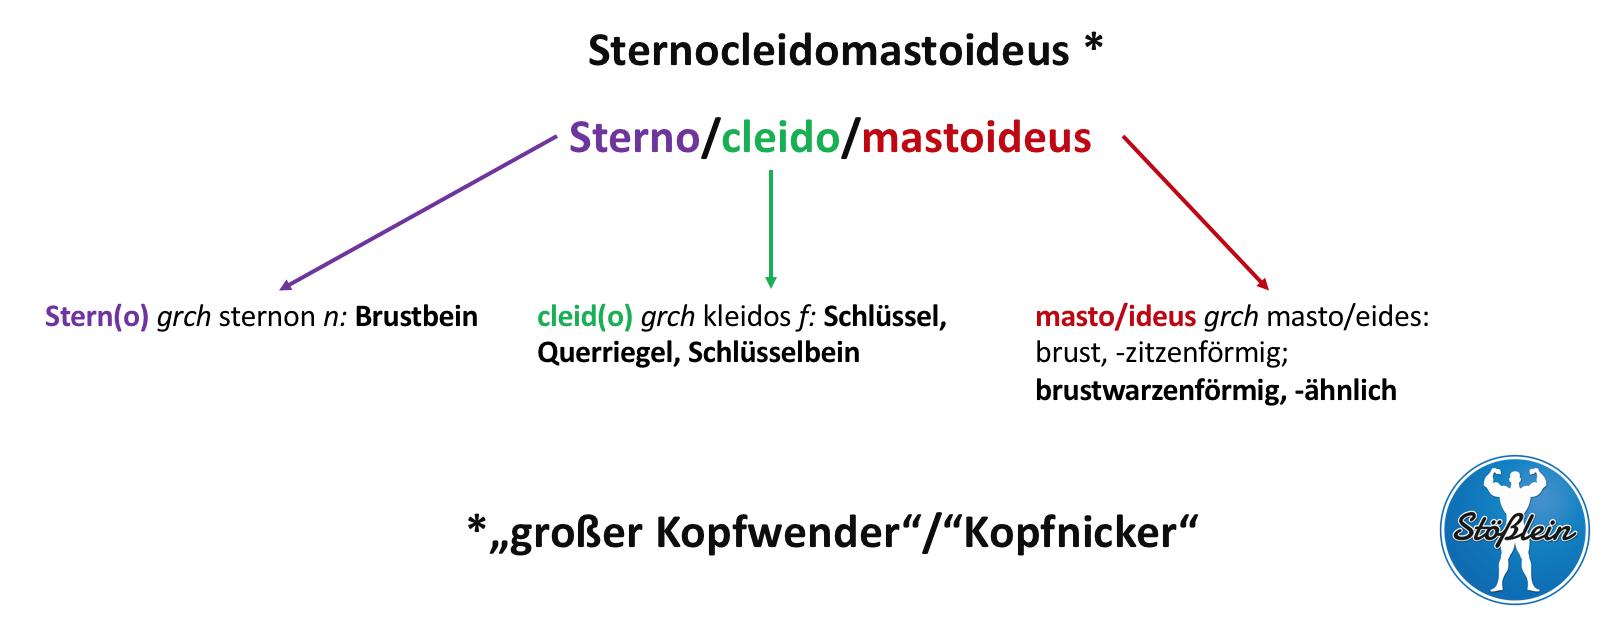 Lateinisch-griechischer Wortschatz in der Medizin